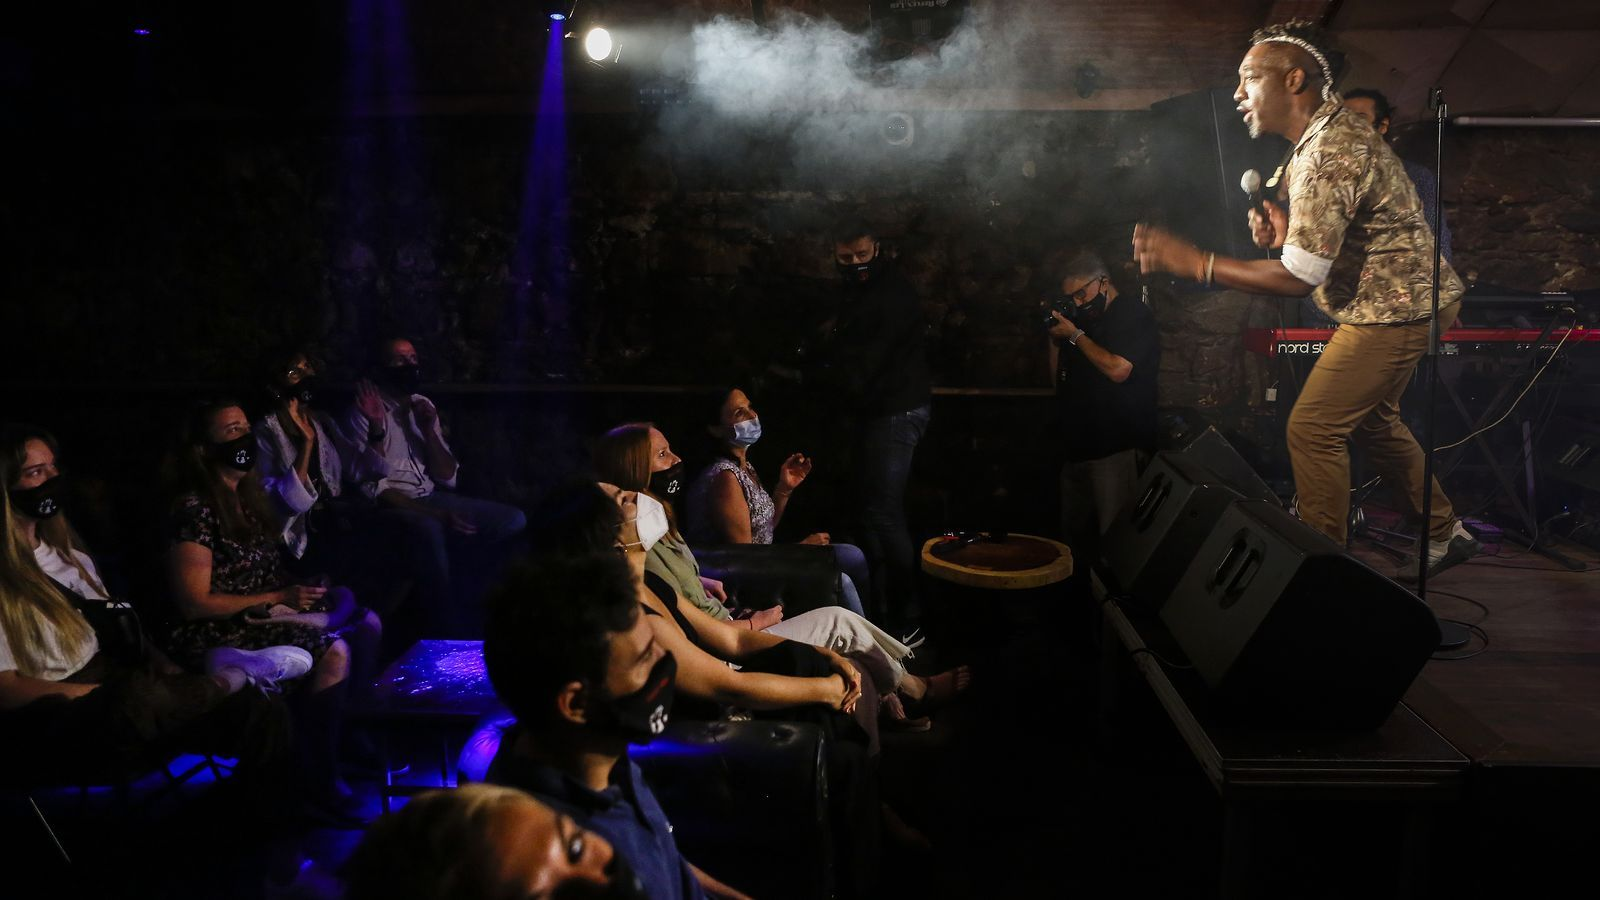 Les discoteques i sales de concerts podran obrir amb el públic assegut